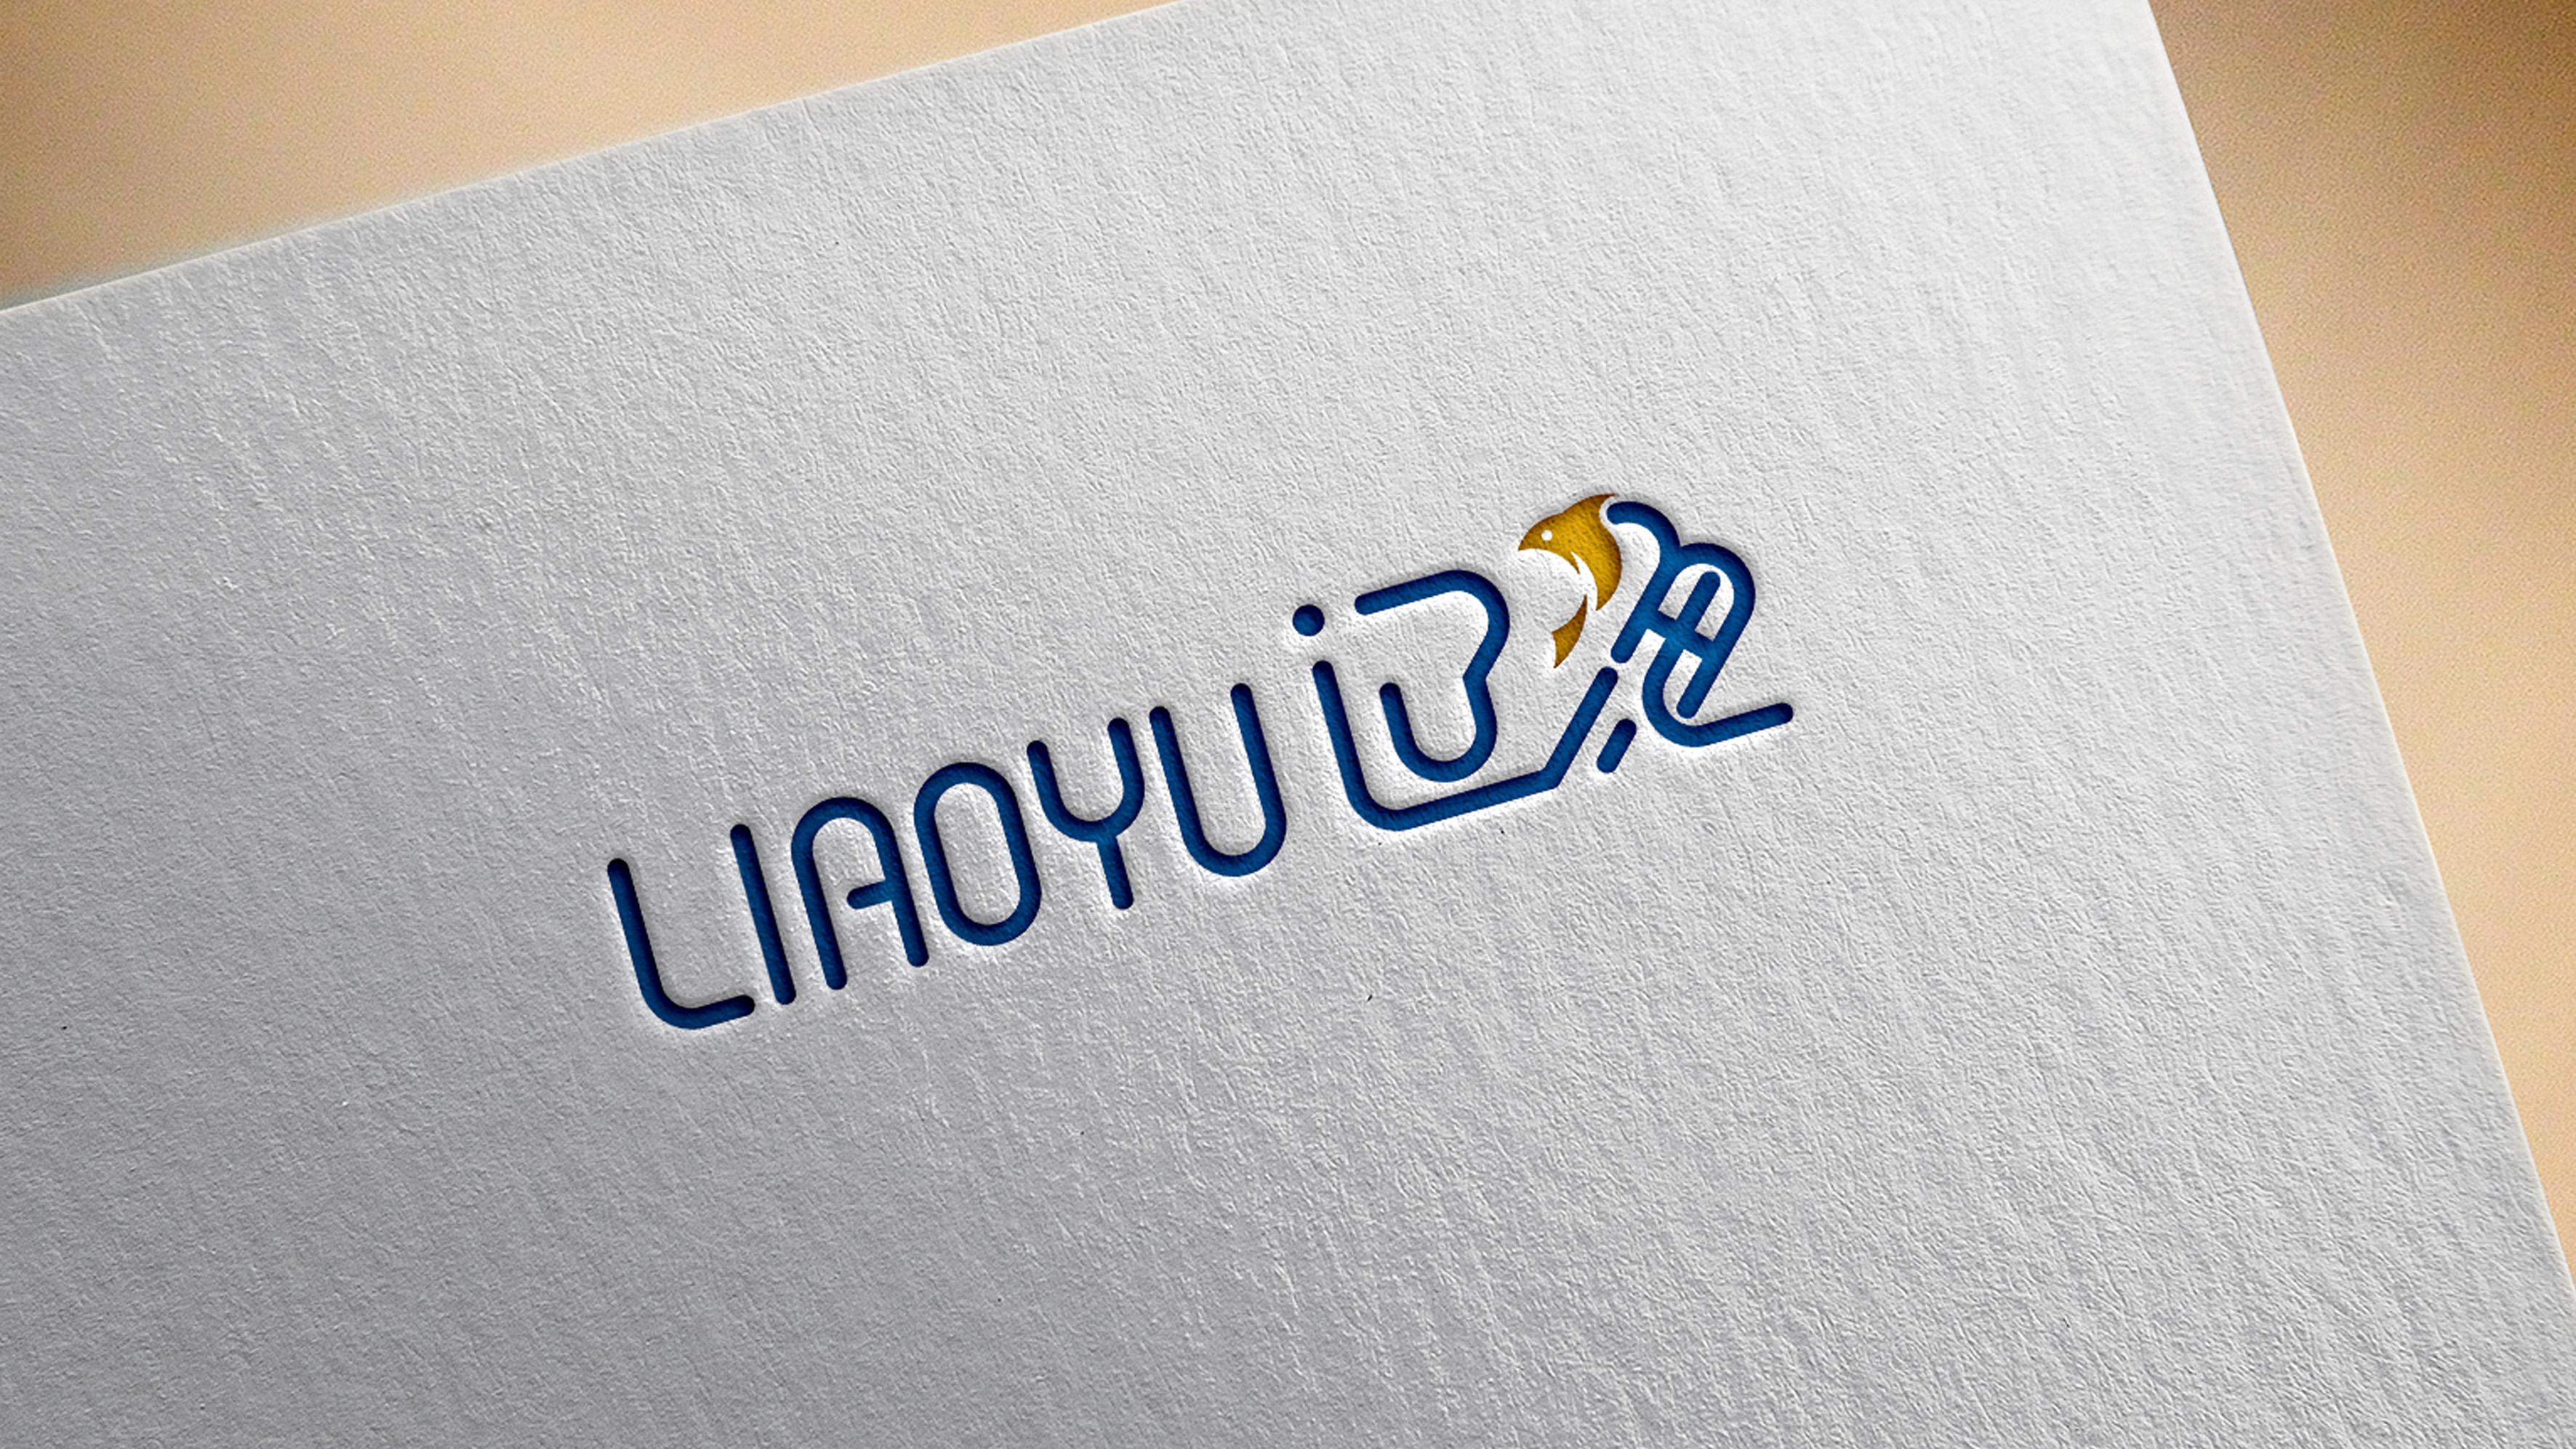 马利logo-辽渔 品牌形象设计图片